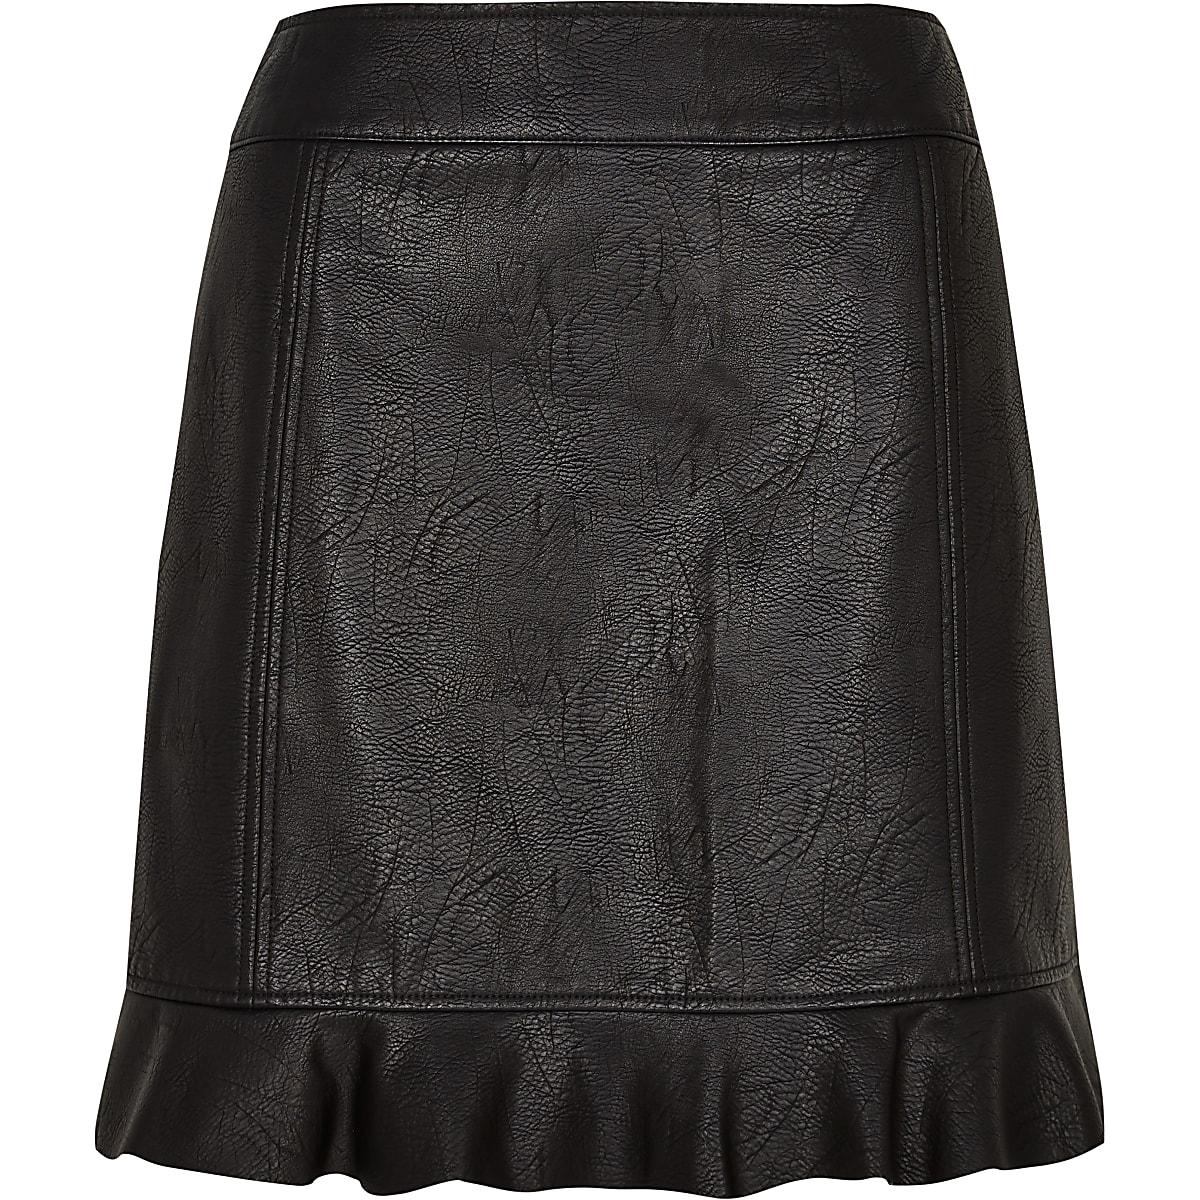 a9f8b10cc Black faux leather frill hem mini skirt - Mini Skirts - Skirts - women